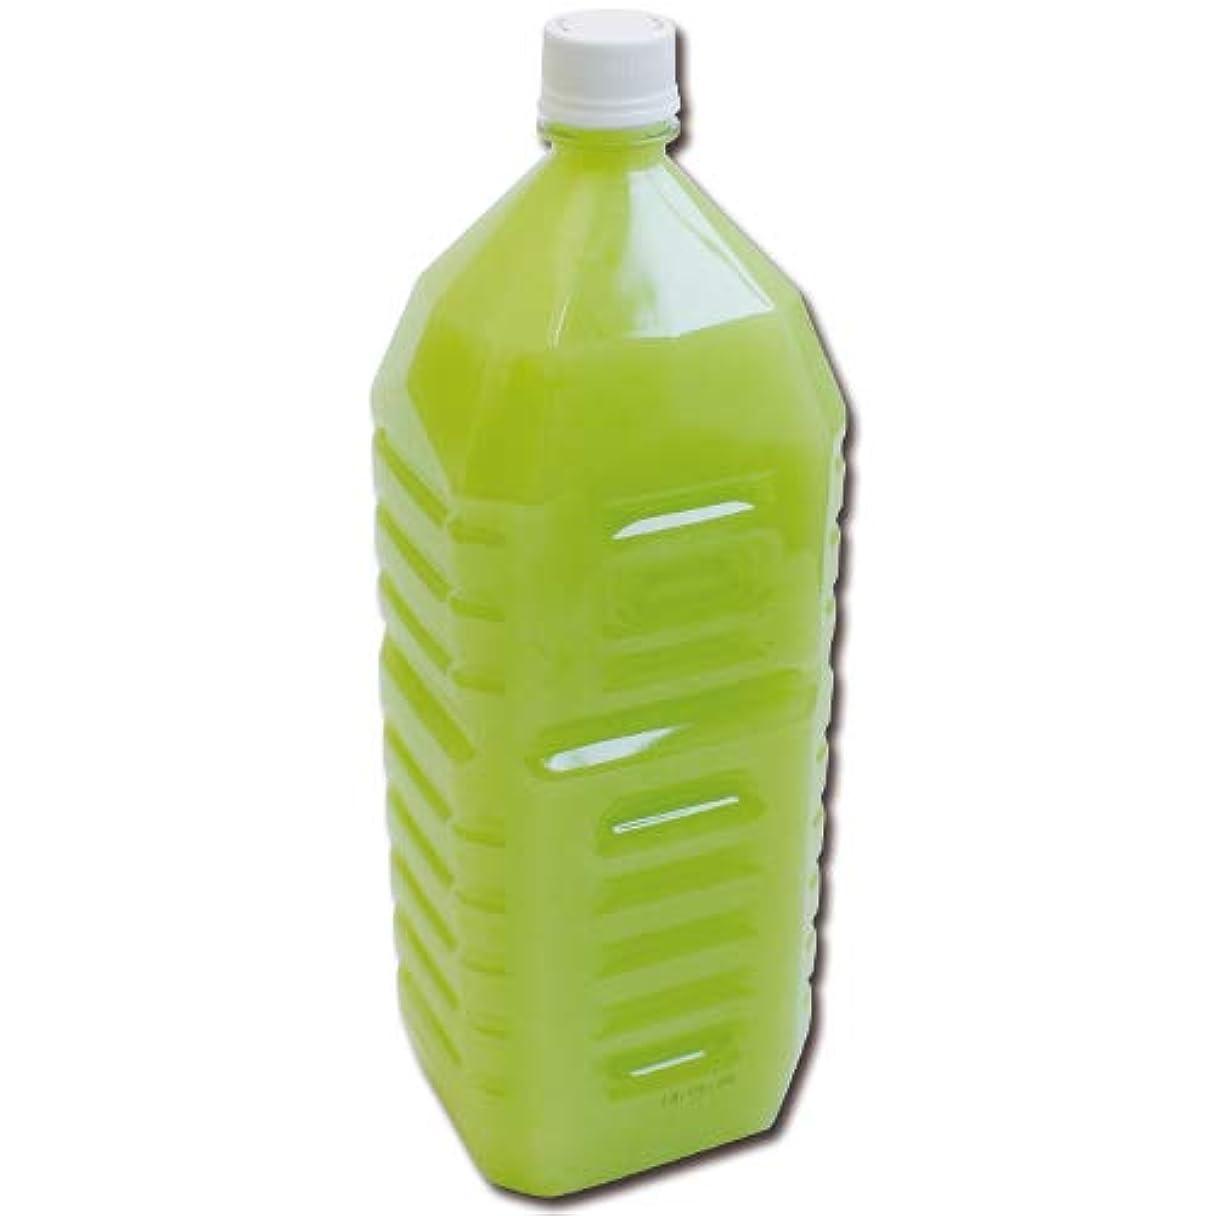 安全でない正確さ庭園アボカドローション アボカドエキス配合 2Lペットボトル ハードタイプ(5倍濃縮原液)│アボガド 業務用ローション ヌルヌル潤滑ローション マッサージゼリー